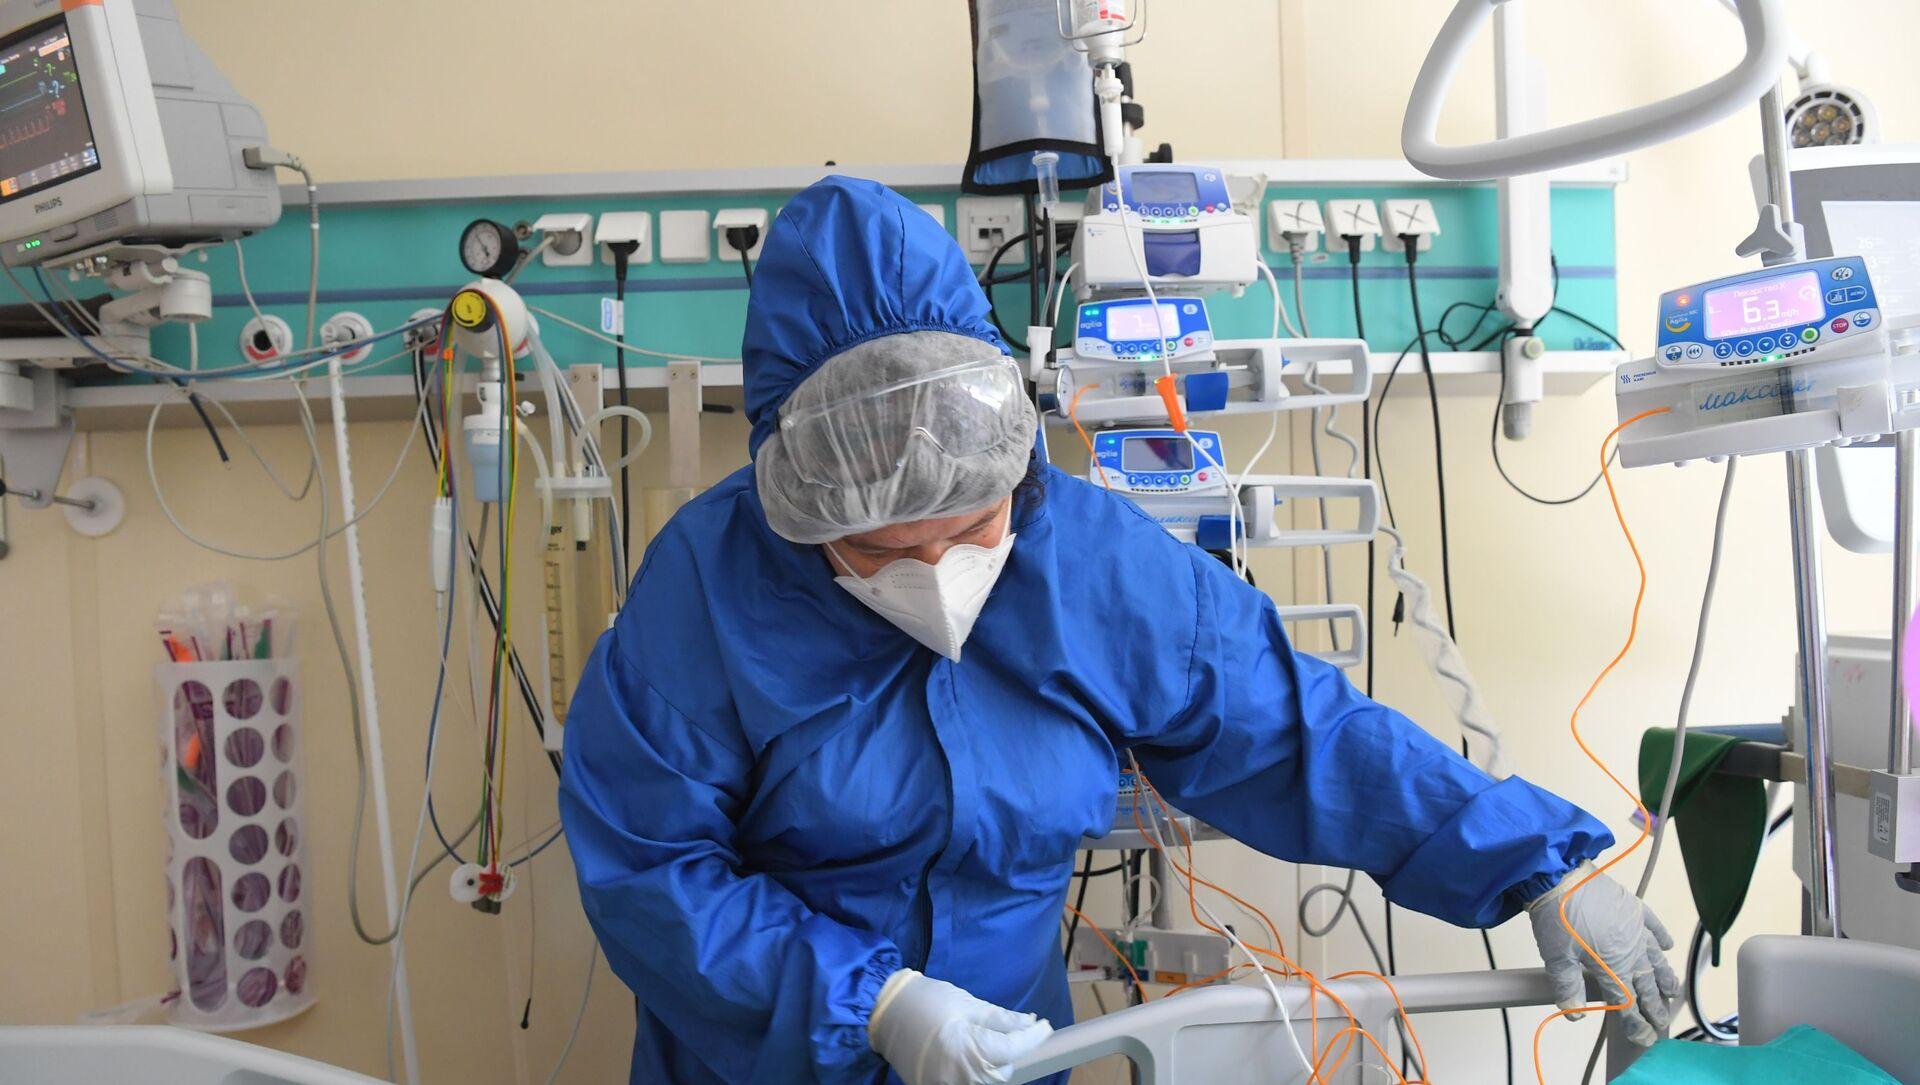 Лечение больных с COVID-19 в ГКБ №52 - Sputnik Южная Осетия, 1920, 14.07.2021